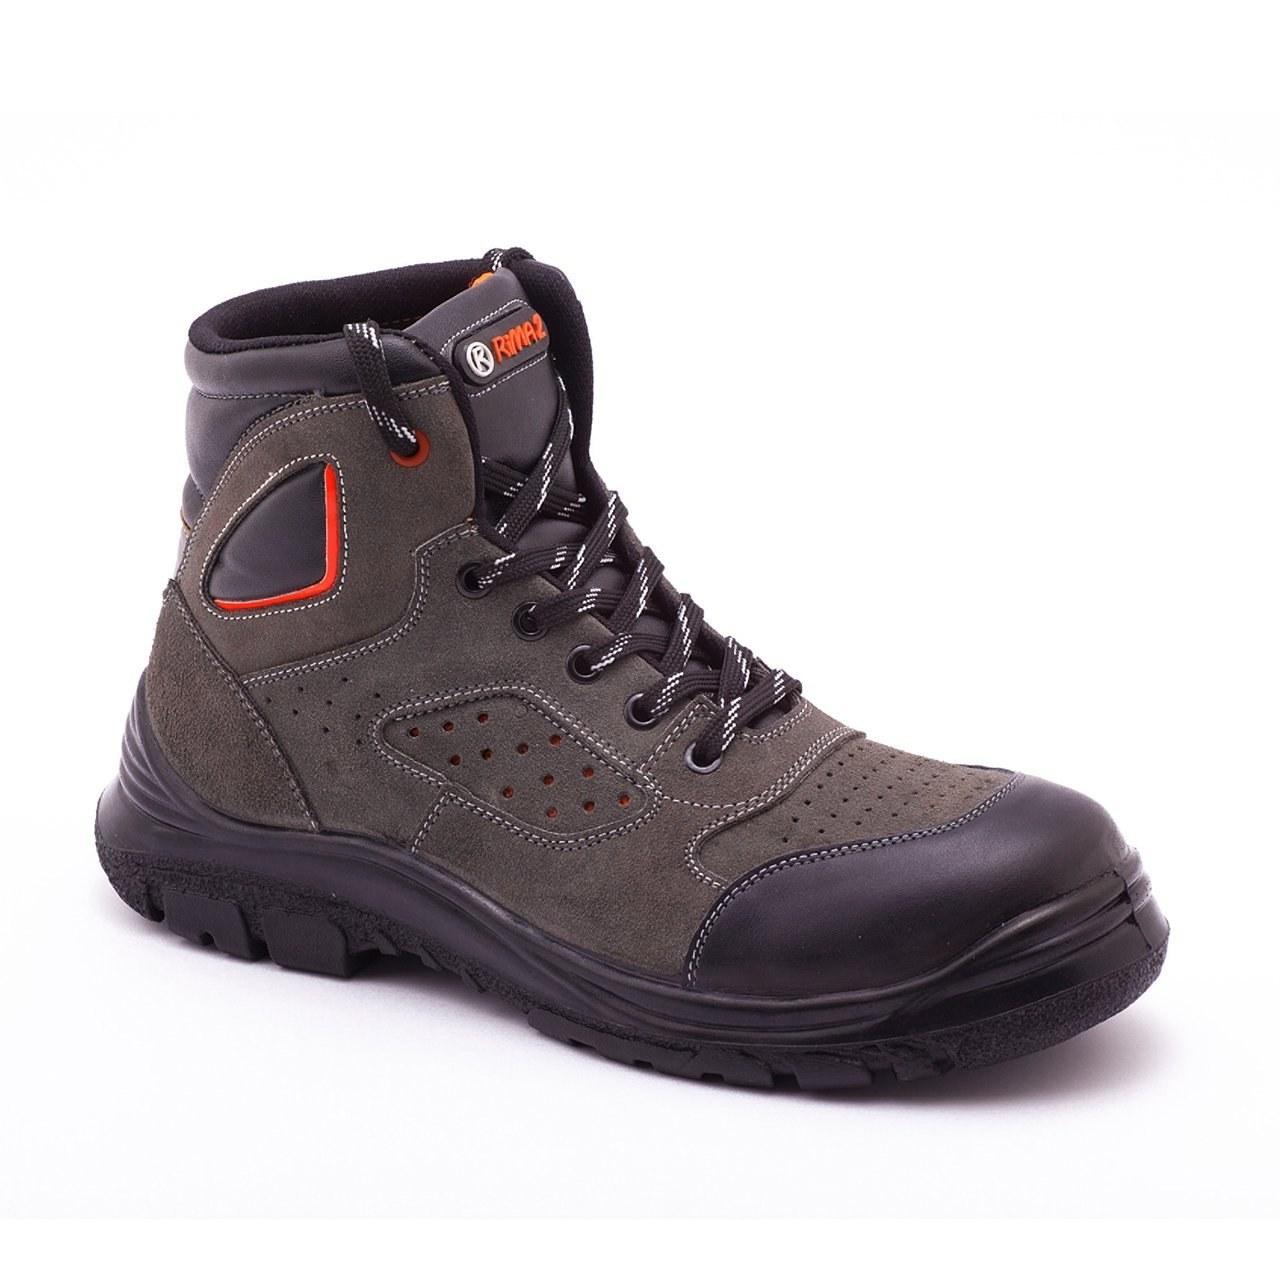 تصویر کفش ایمنی ارک مدل ریما 2